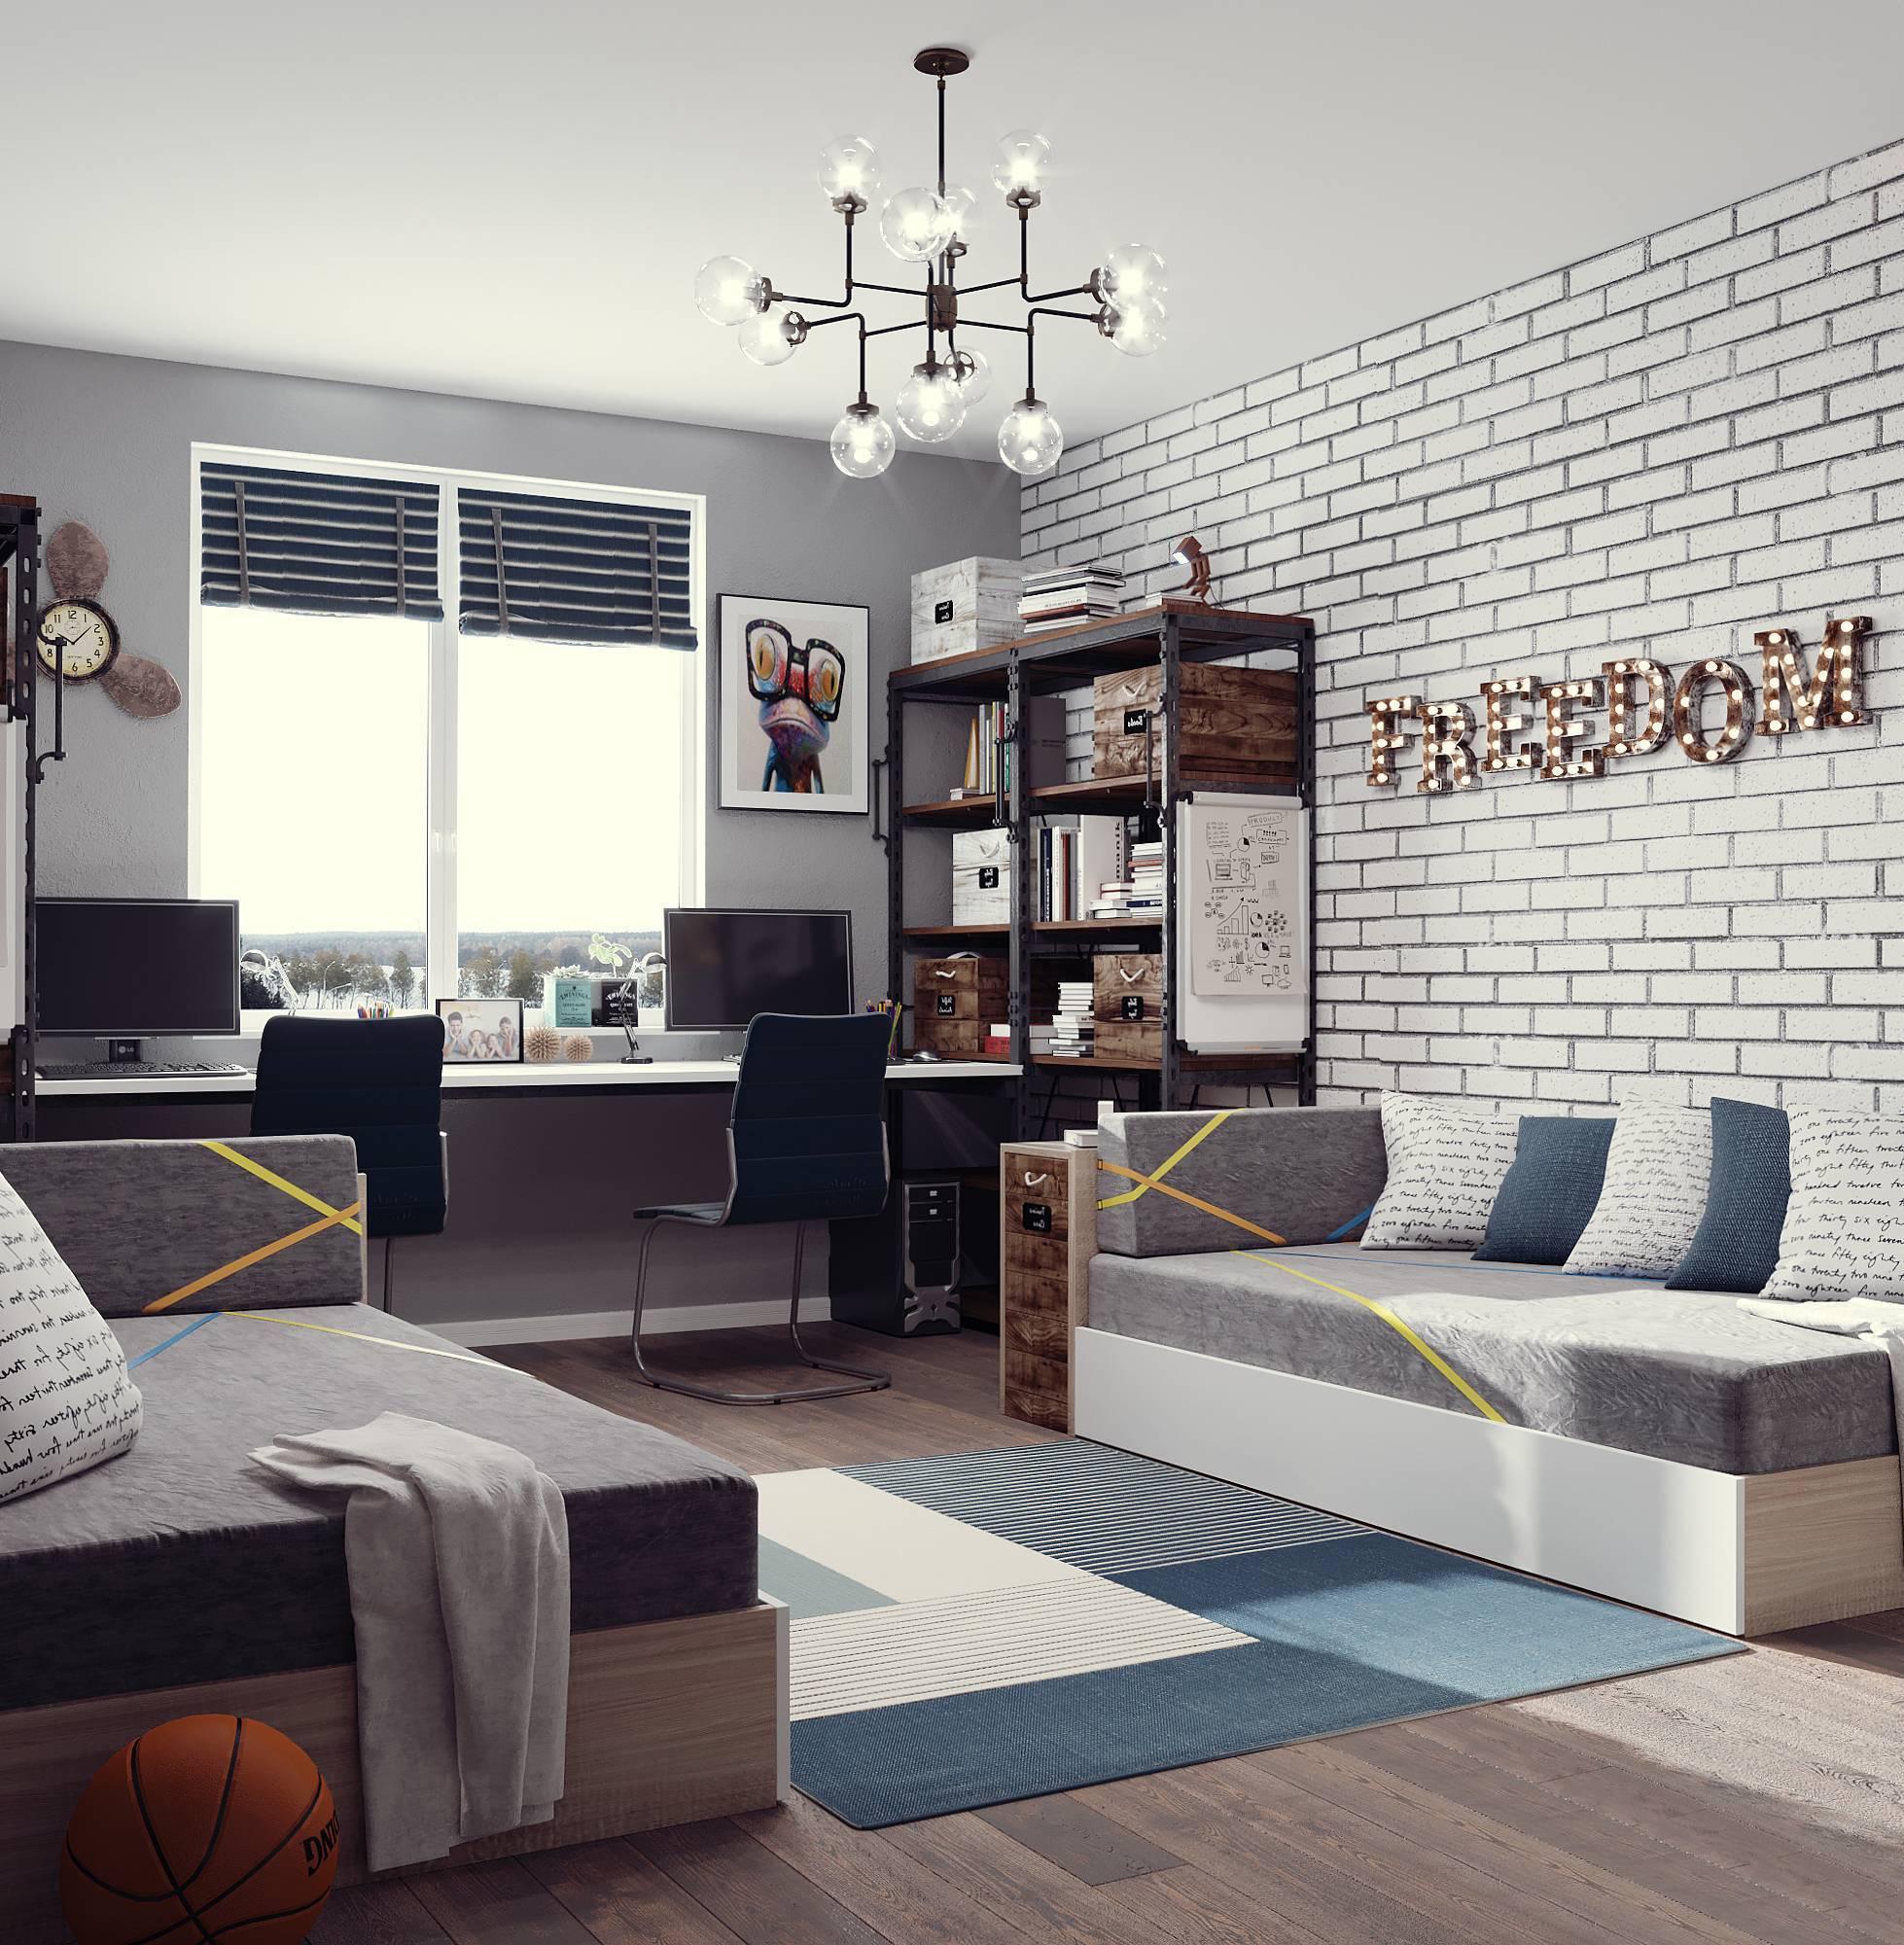 Детская в стиле прованс: как правильно оформить комнату для мальчика или девочки, особенности дизайна, фото интерьеров, как подобрать мебель, как выбрать шторы?